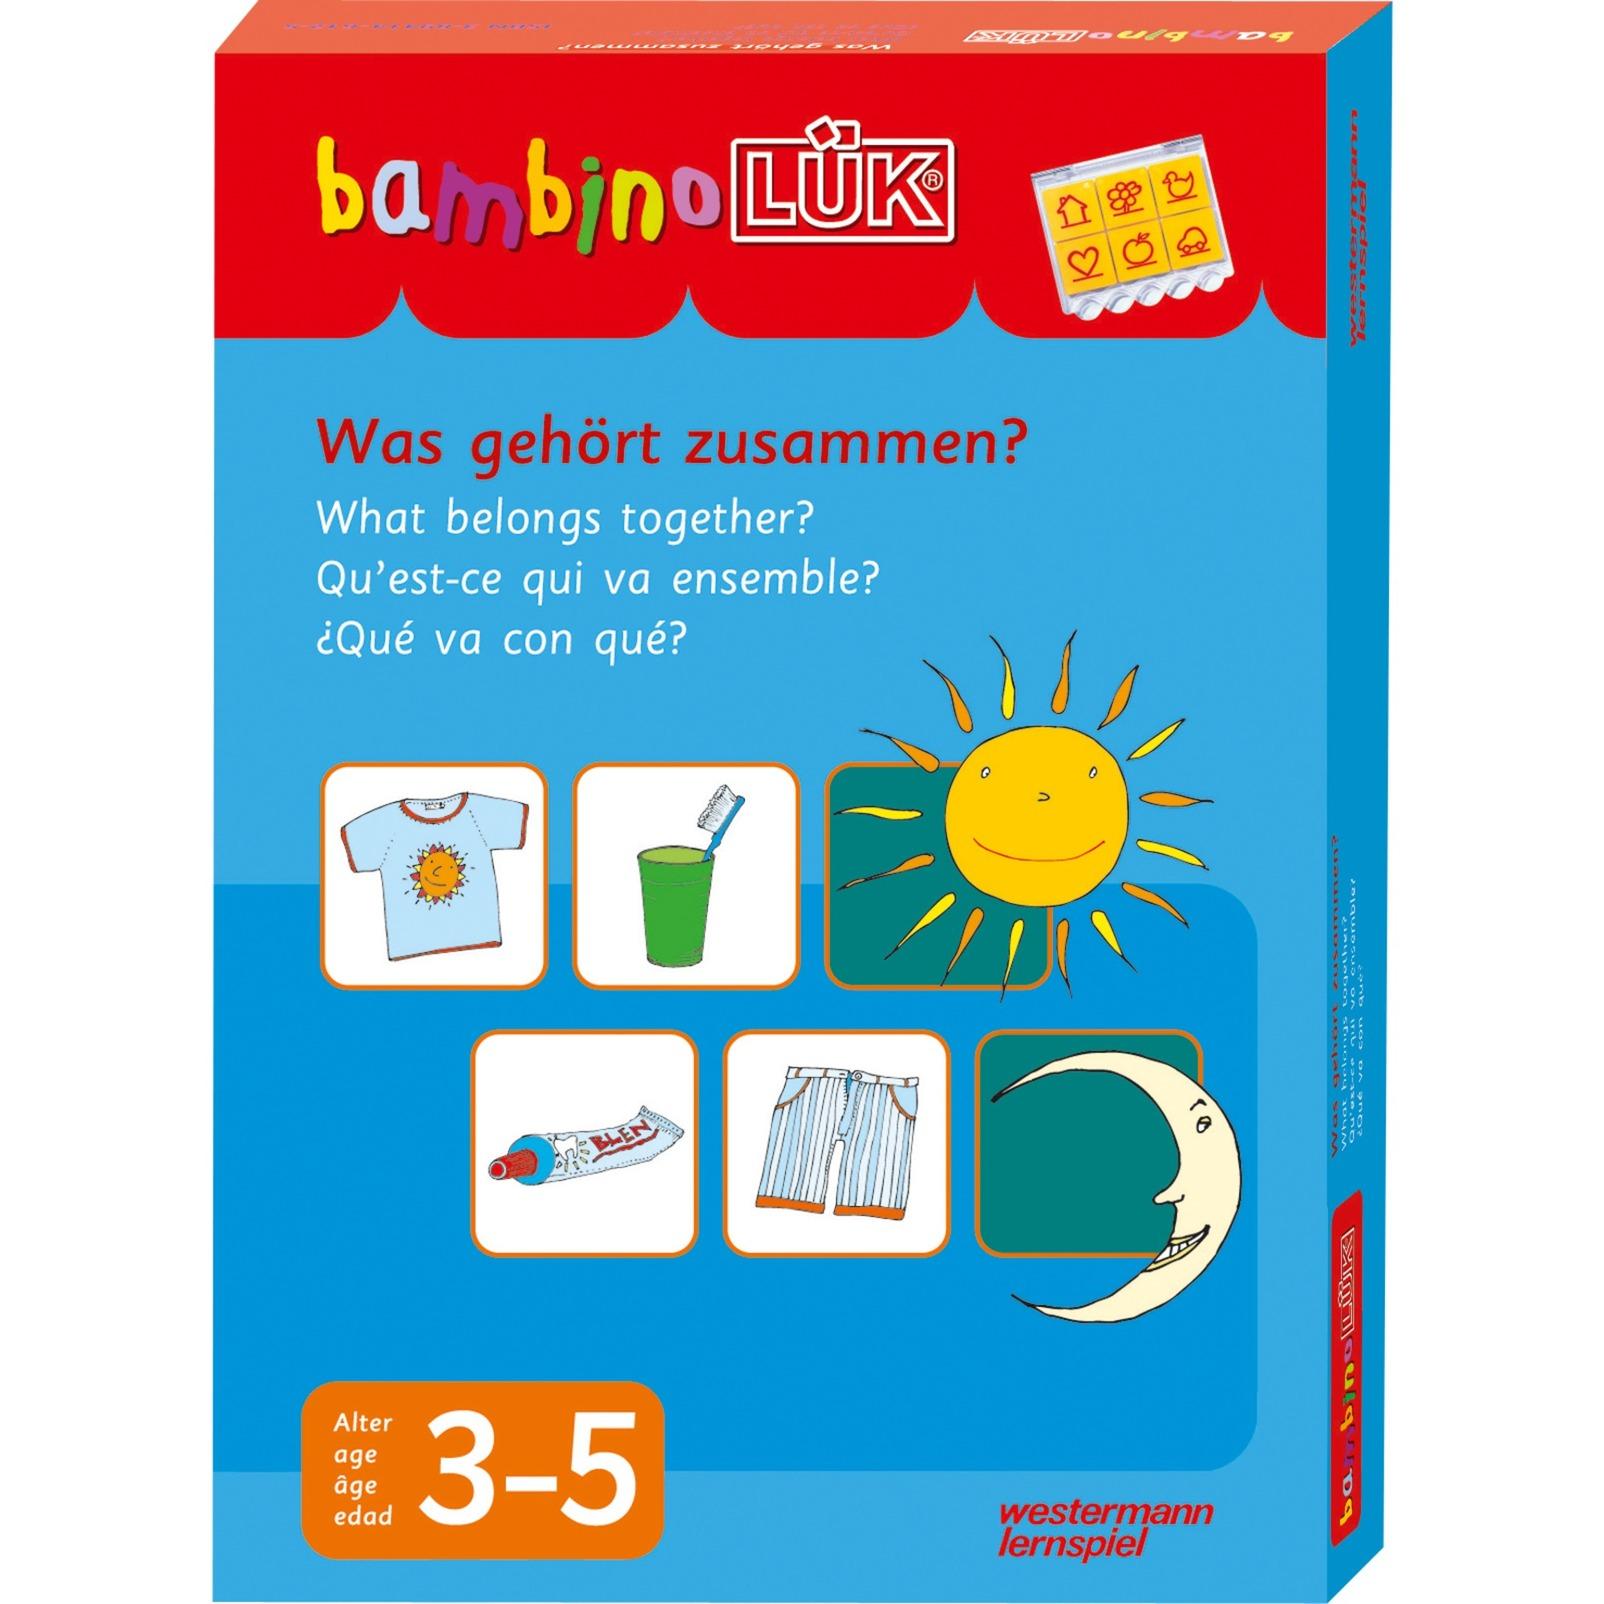 bambino-set-was-gehoert-zusammen-bornebog-bog-til-indlaring-skolebog